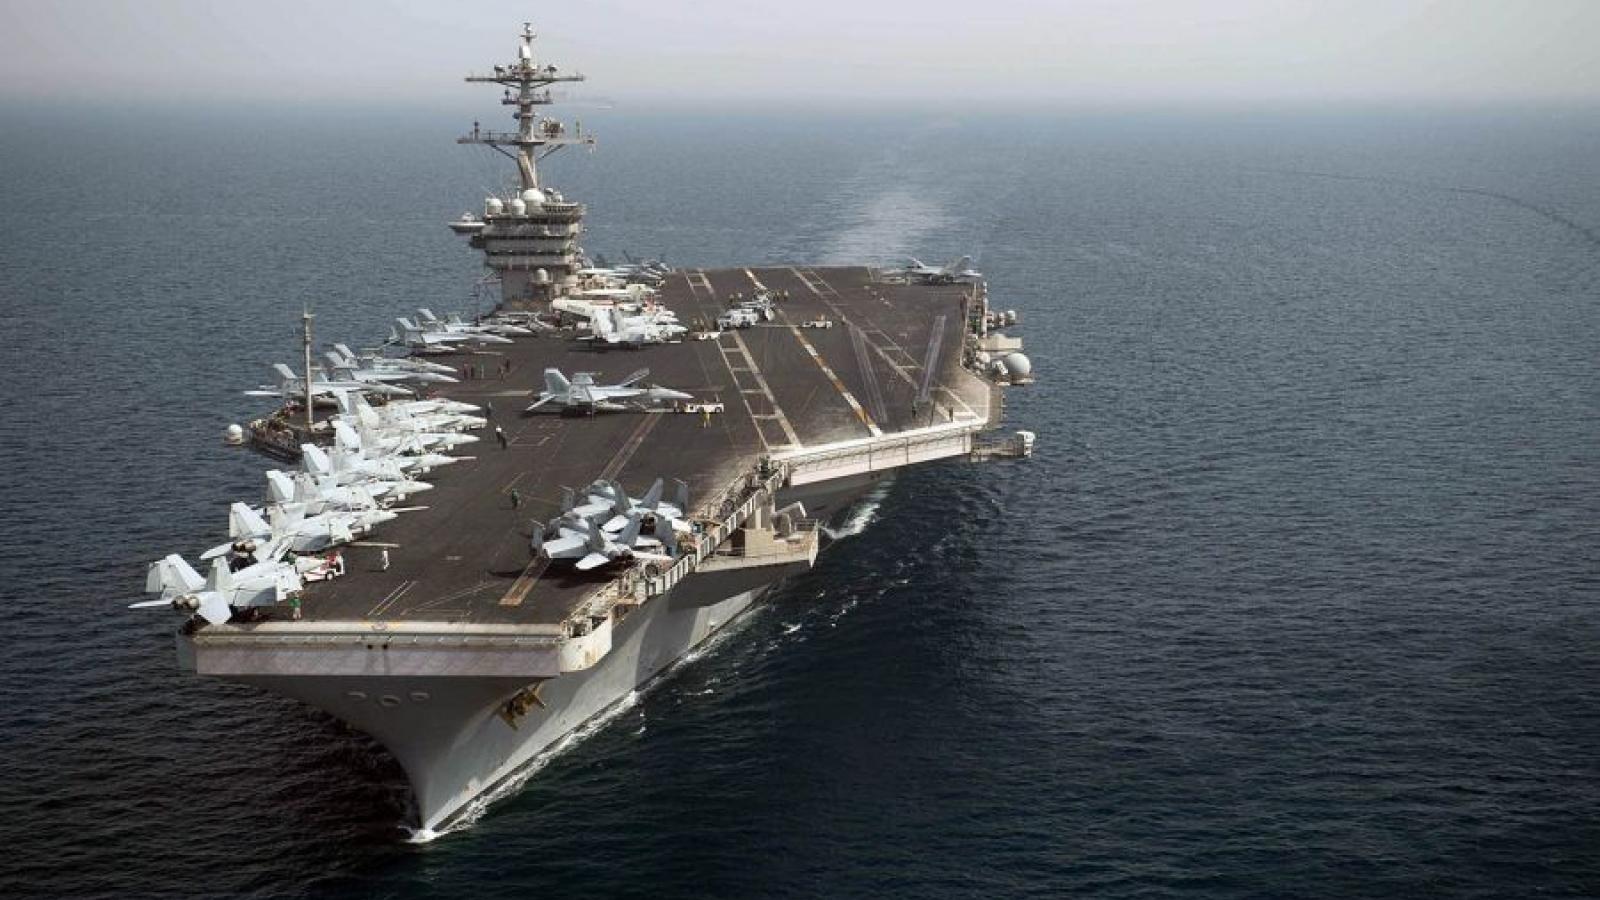 Mỹ gia tăng sức mạnh hải quân, Trung Quốc sẽ không chịu lép vế